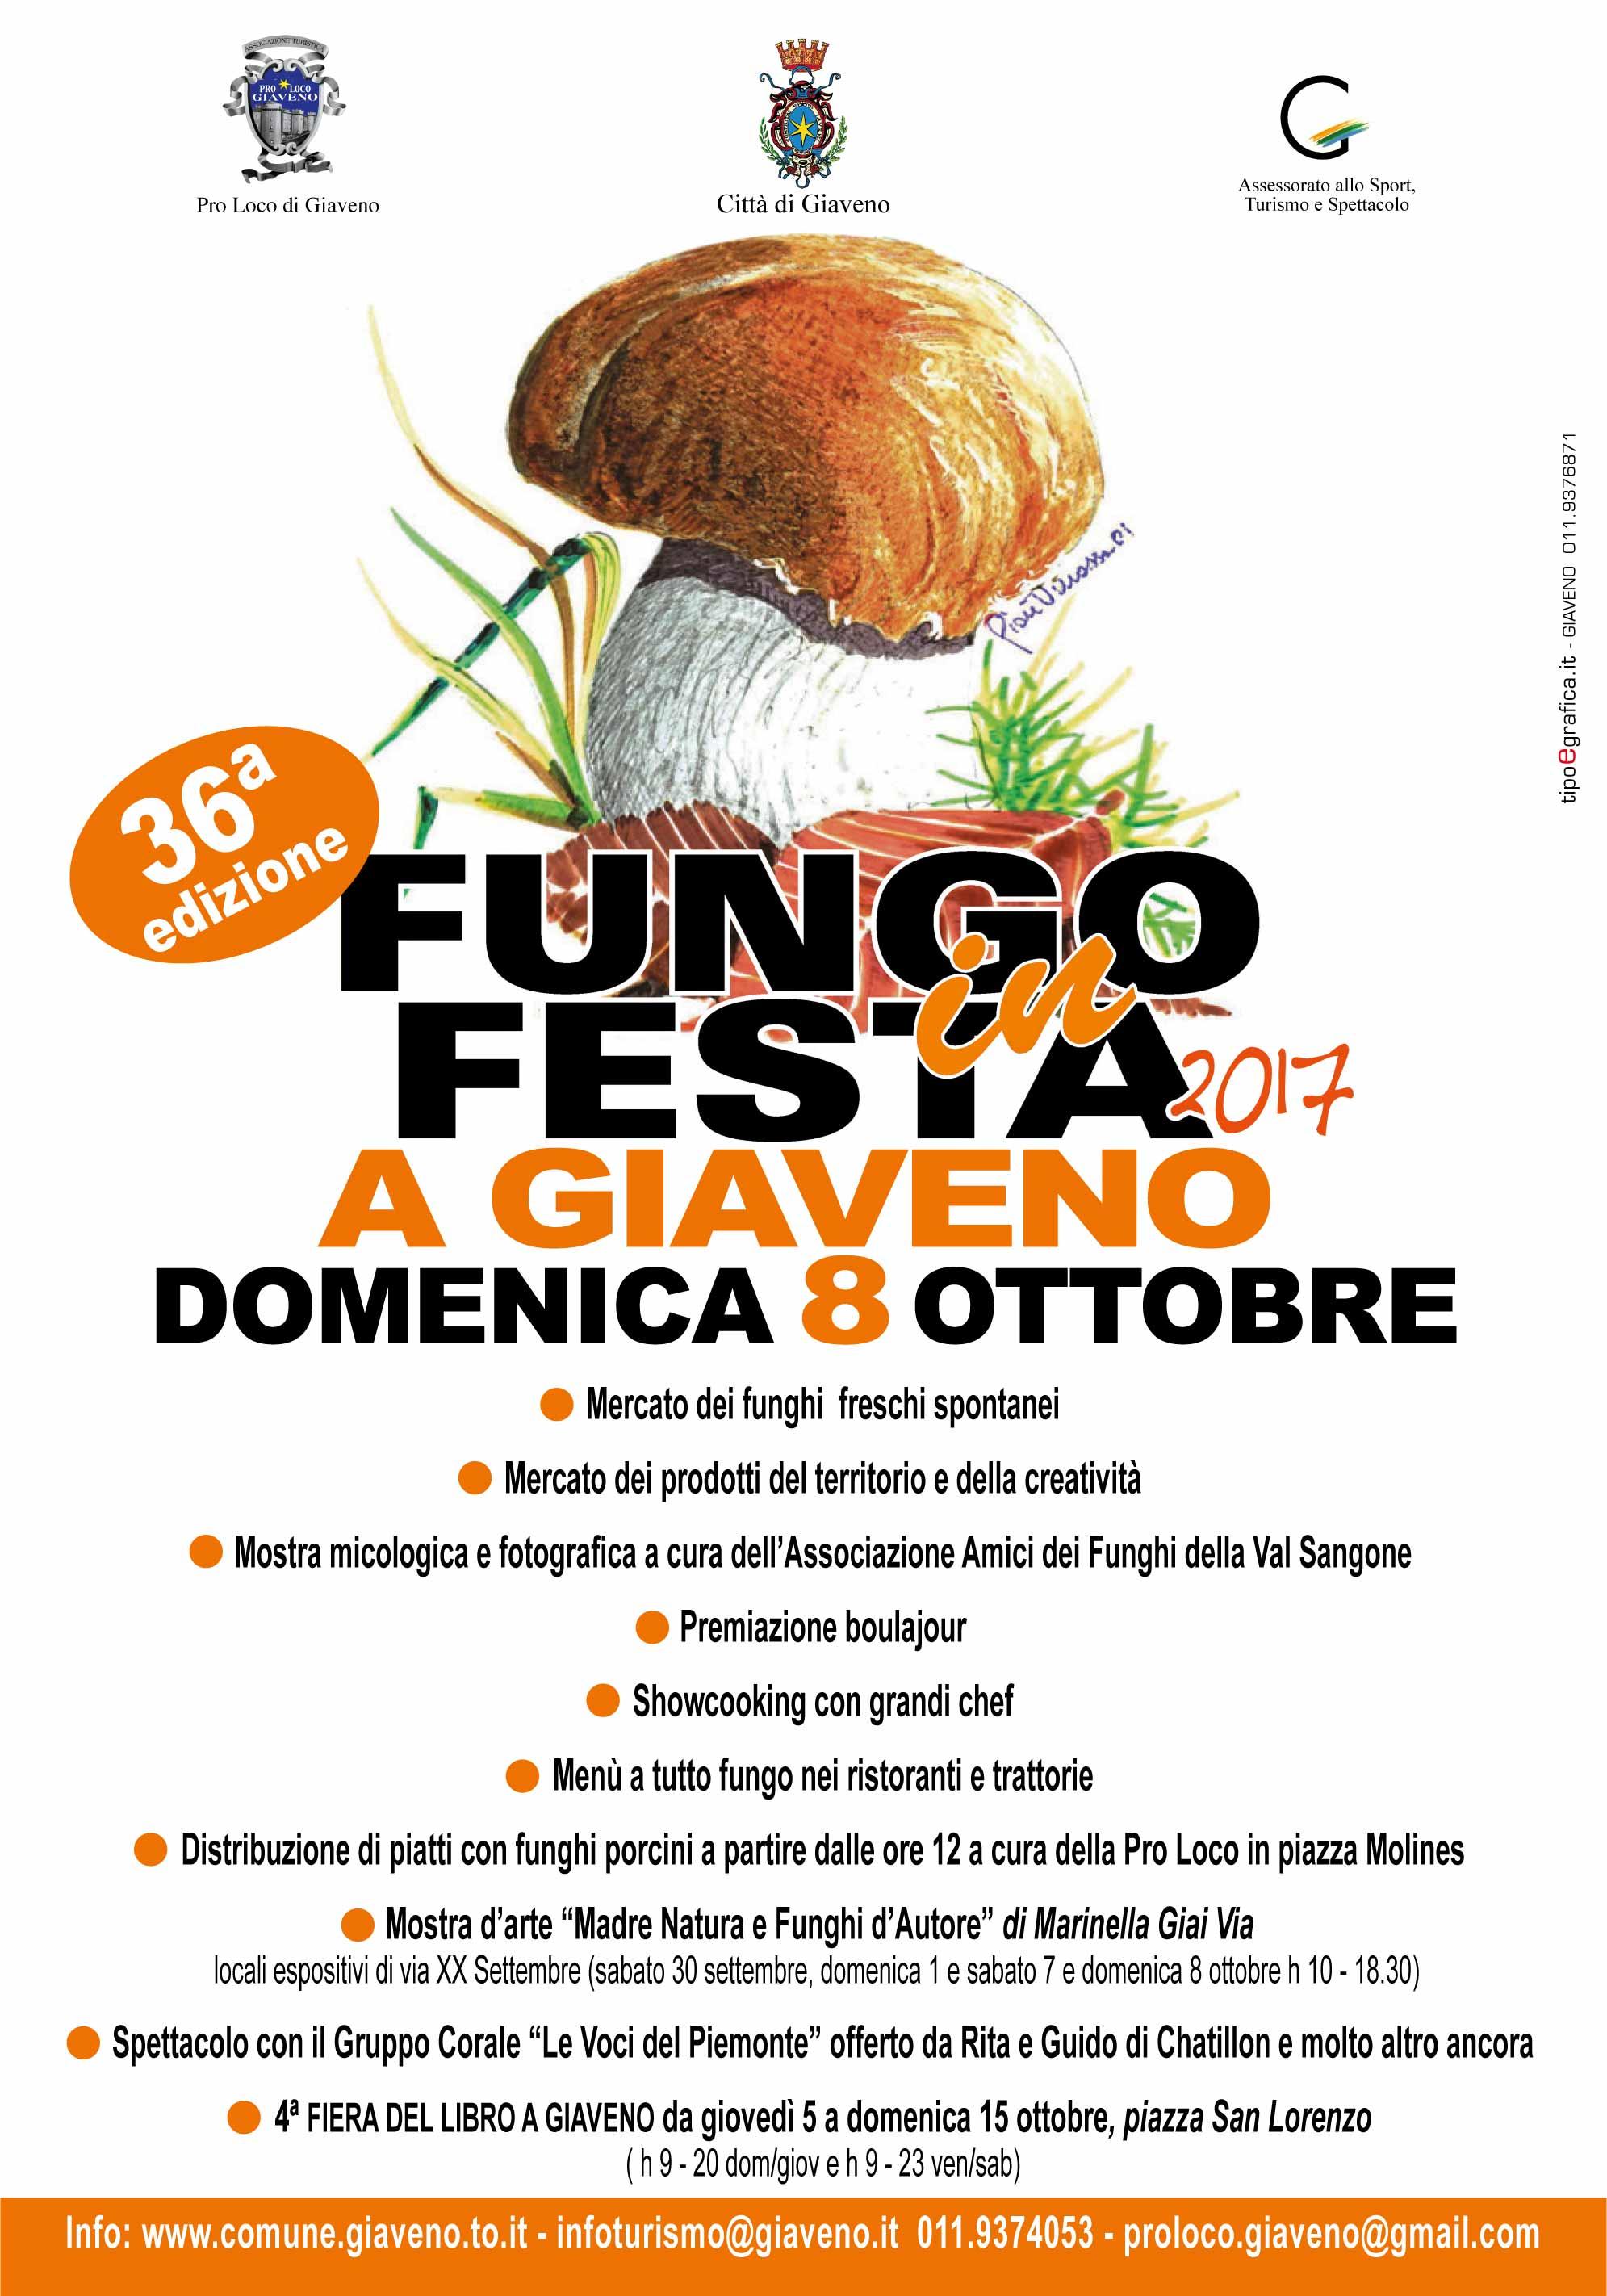 Fungo in Festa – domenica 8 ottobre 2017